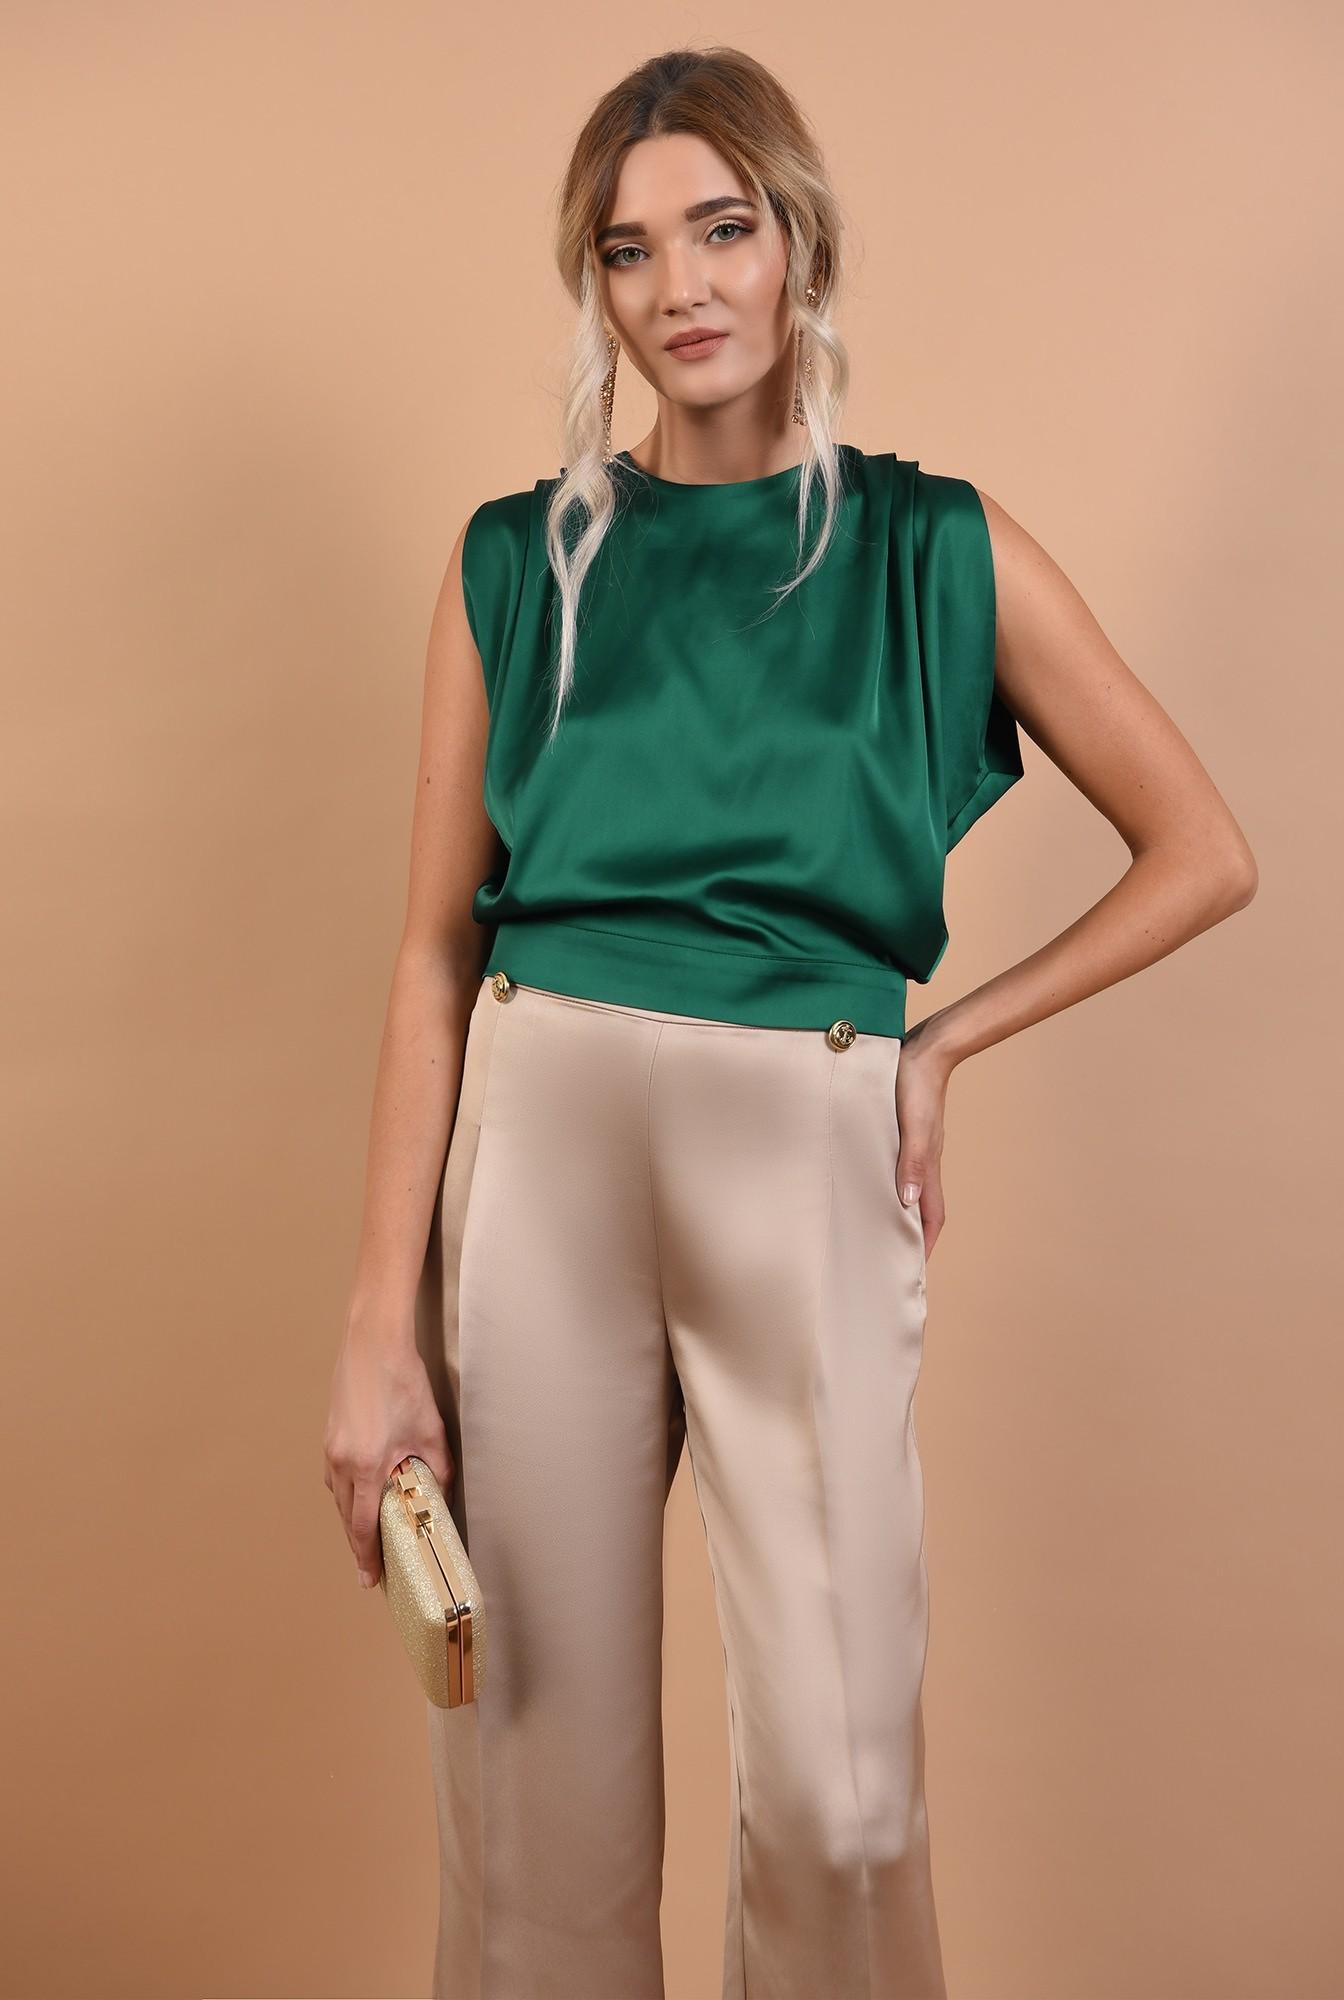 0 - pantaloni de ocazie, cu talie inalta, din satin, nasturi decorativi